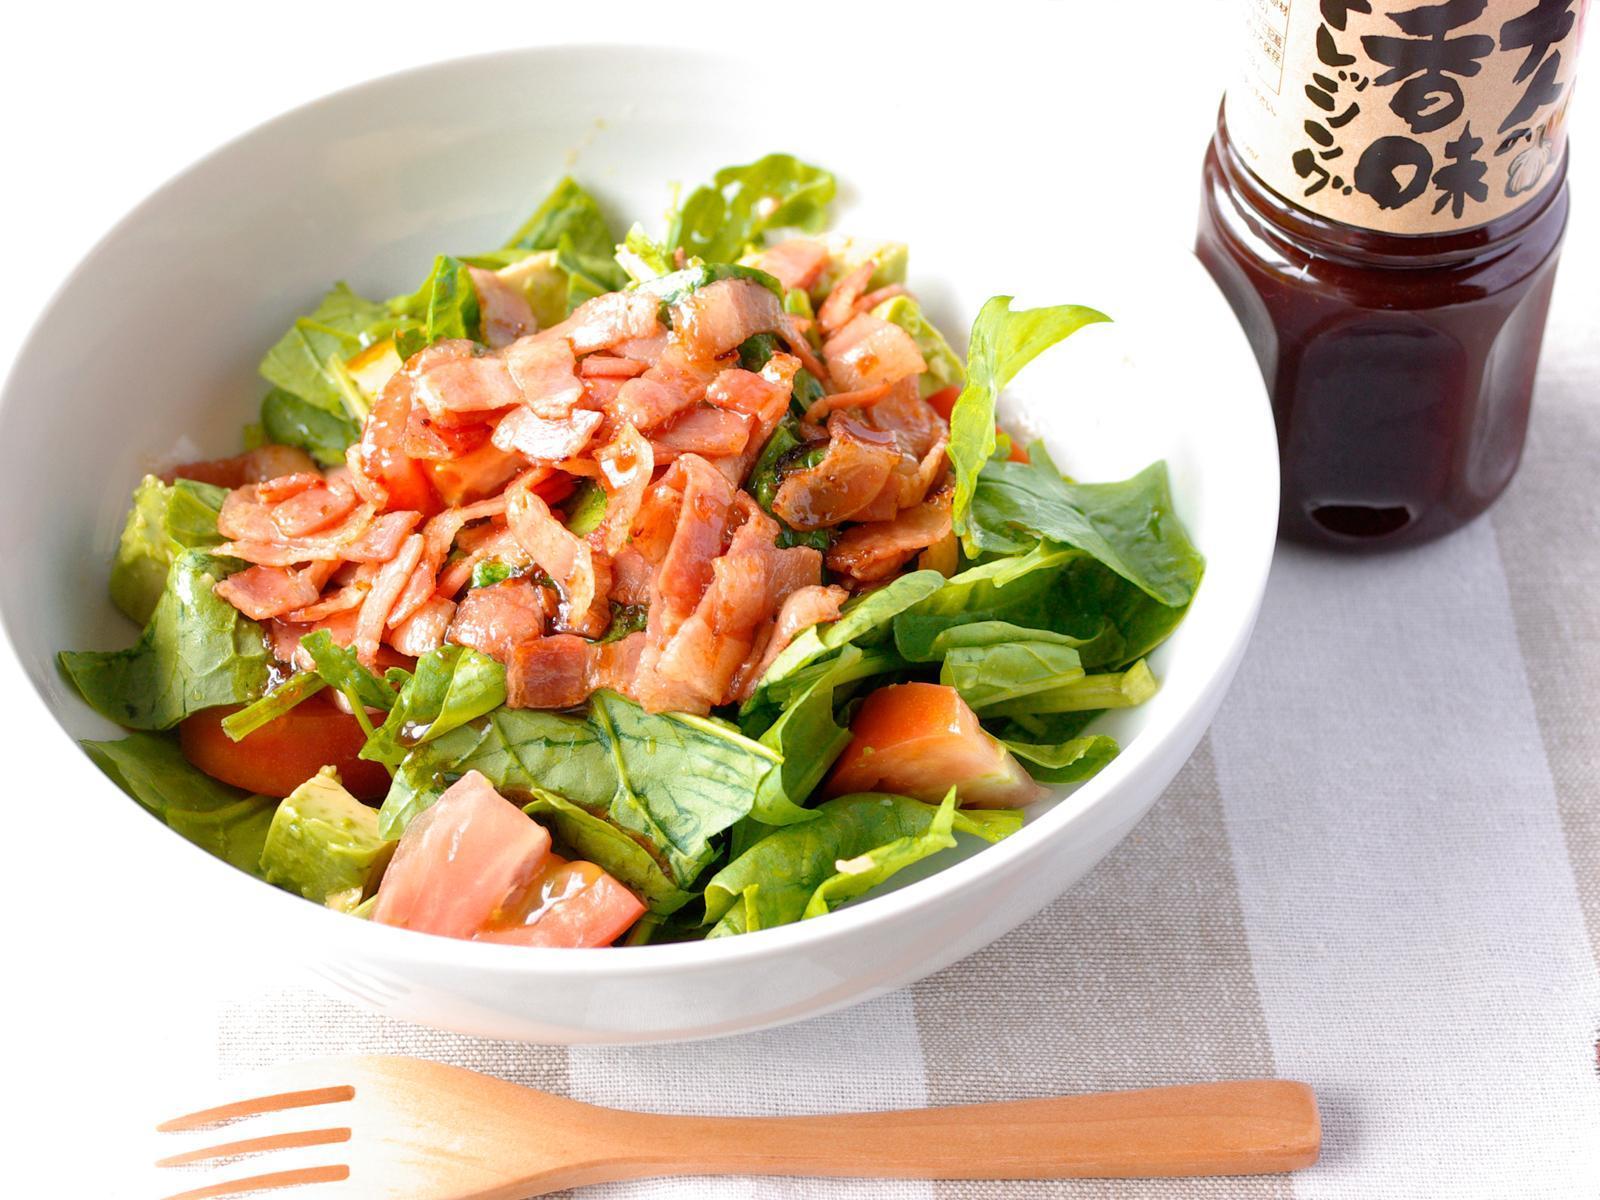 ベーコンとホウレン草のサラダ